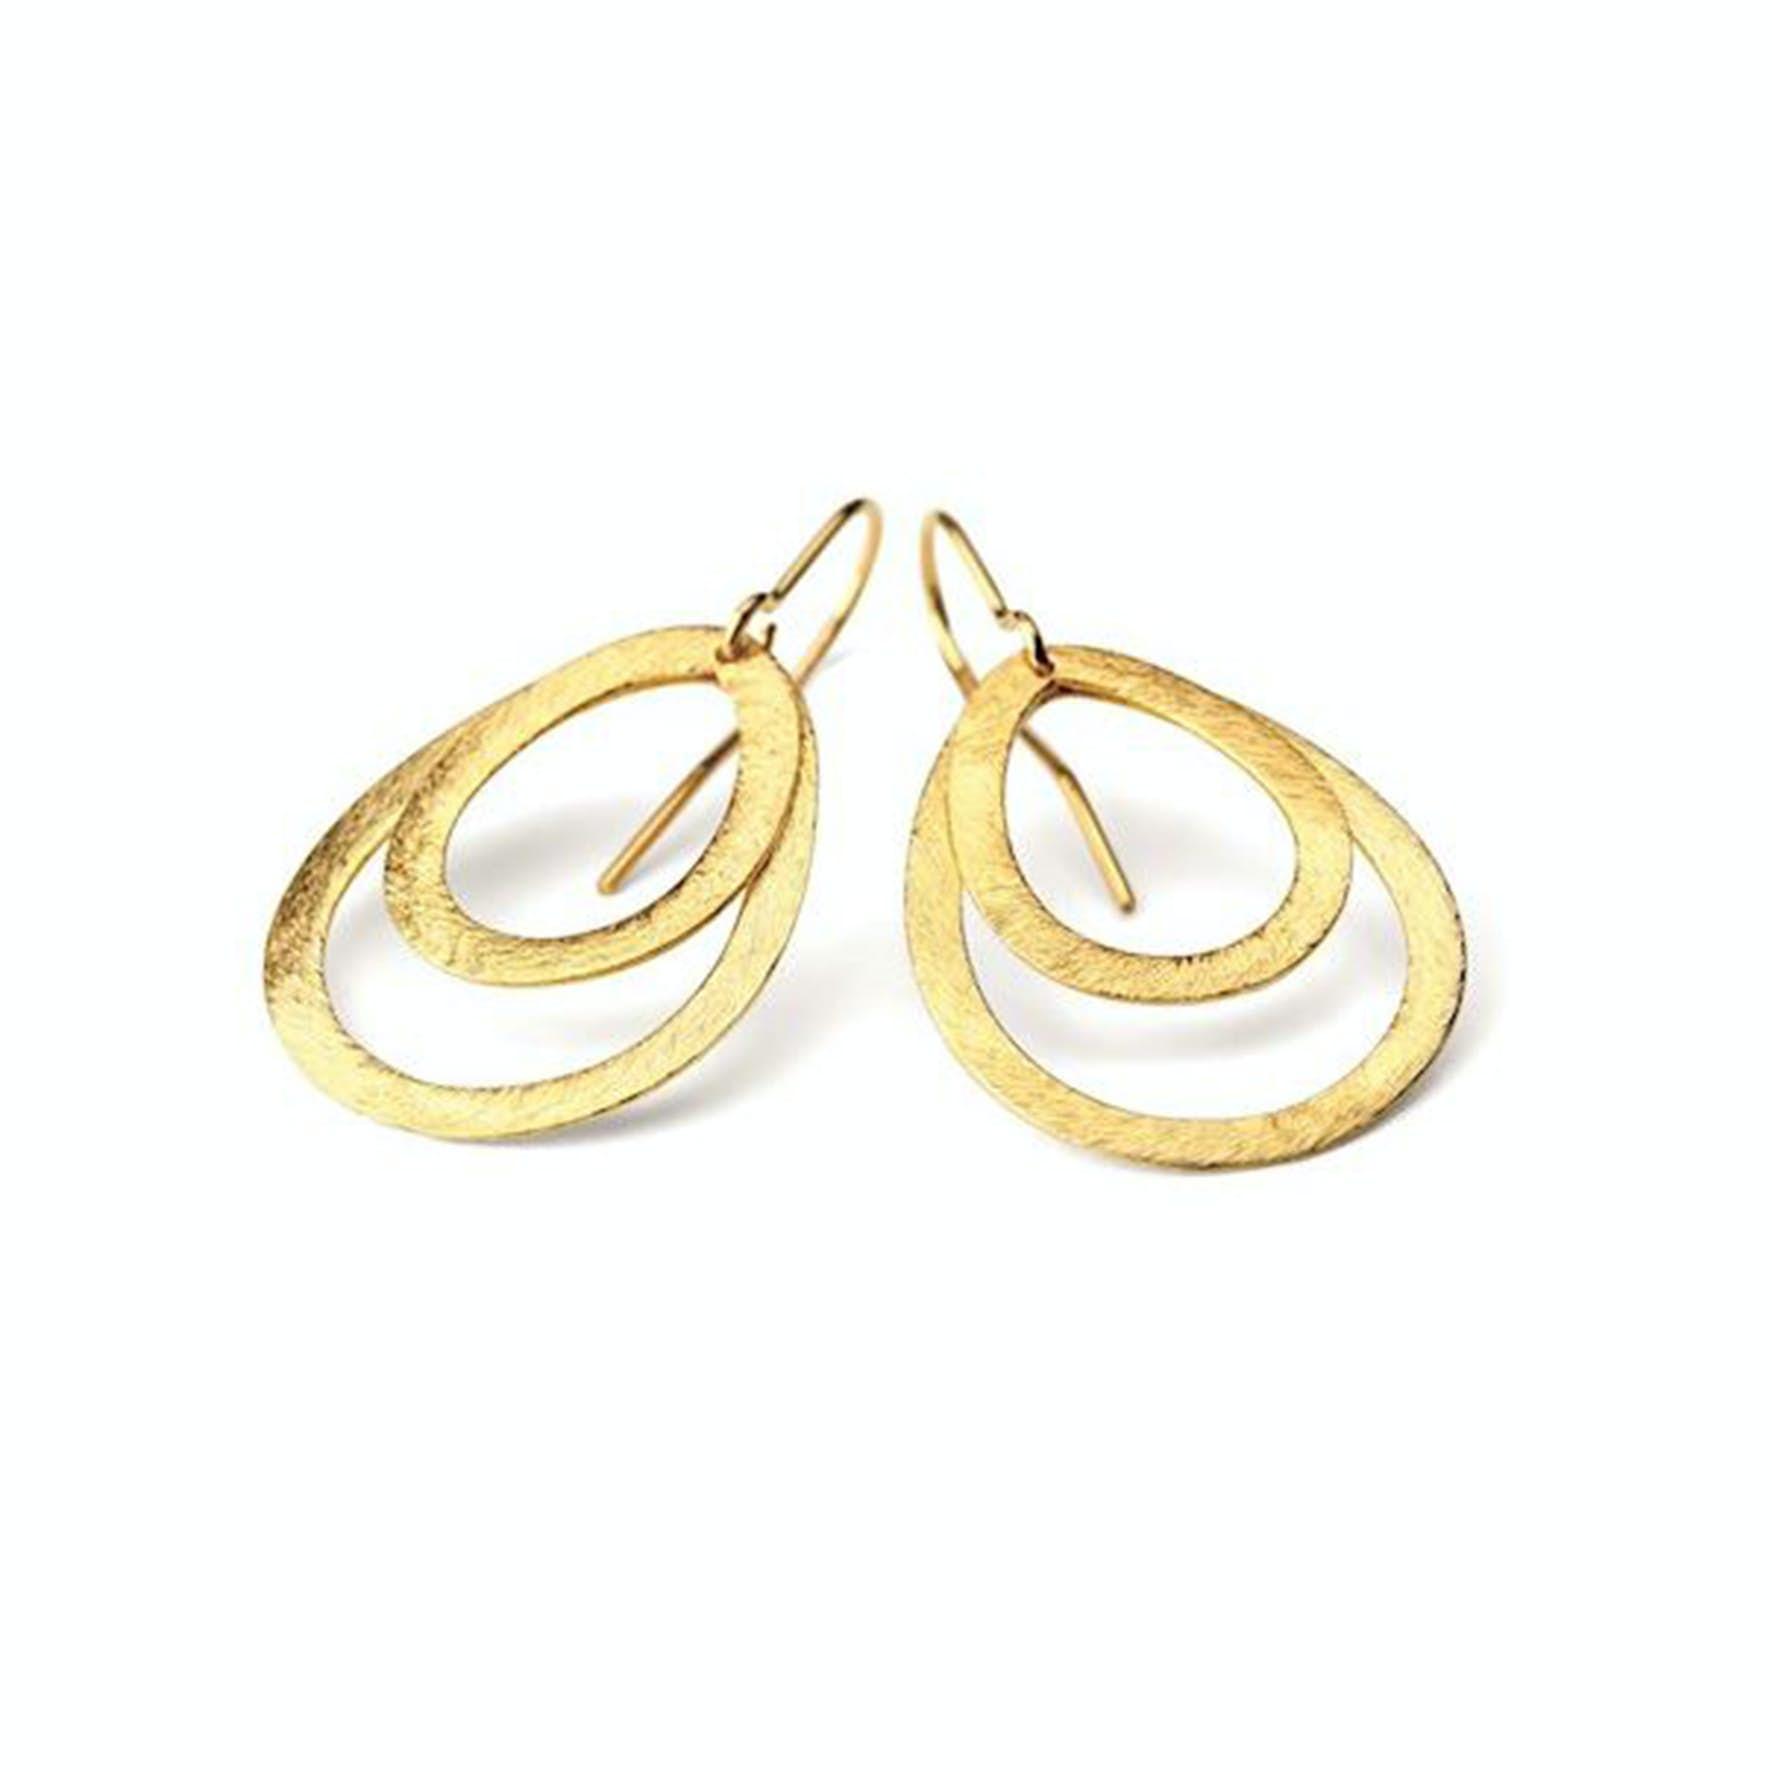 Small double drop earring von Pernille Corydon in Vergoldet-Silber Sterling 925| ,Blank